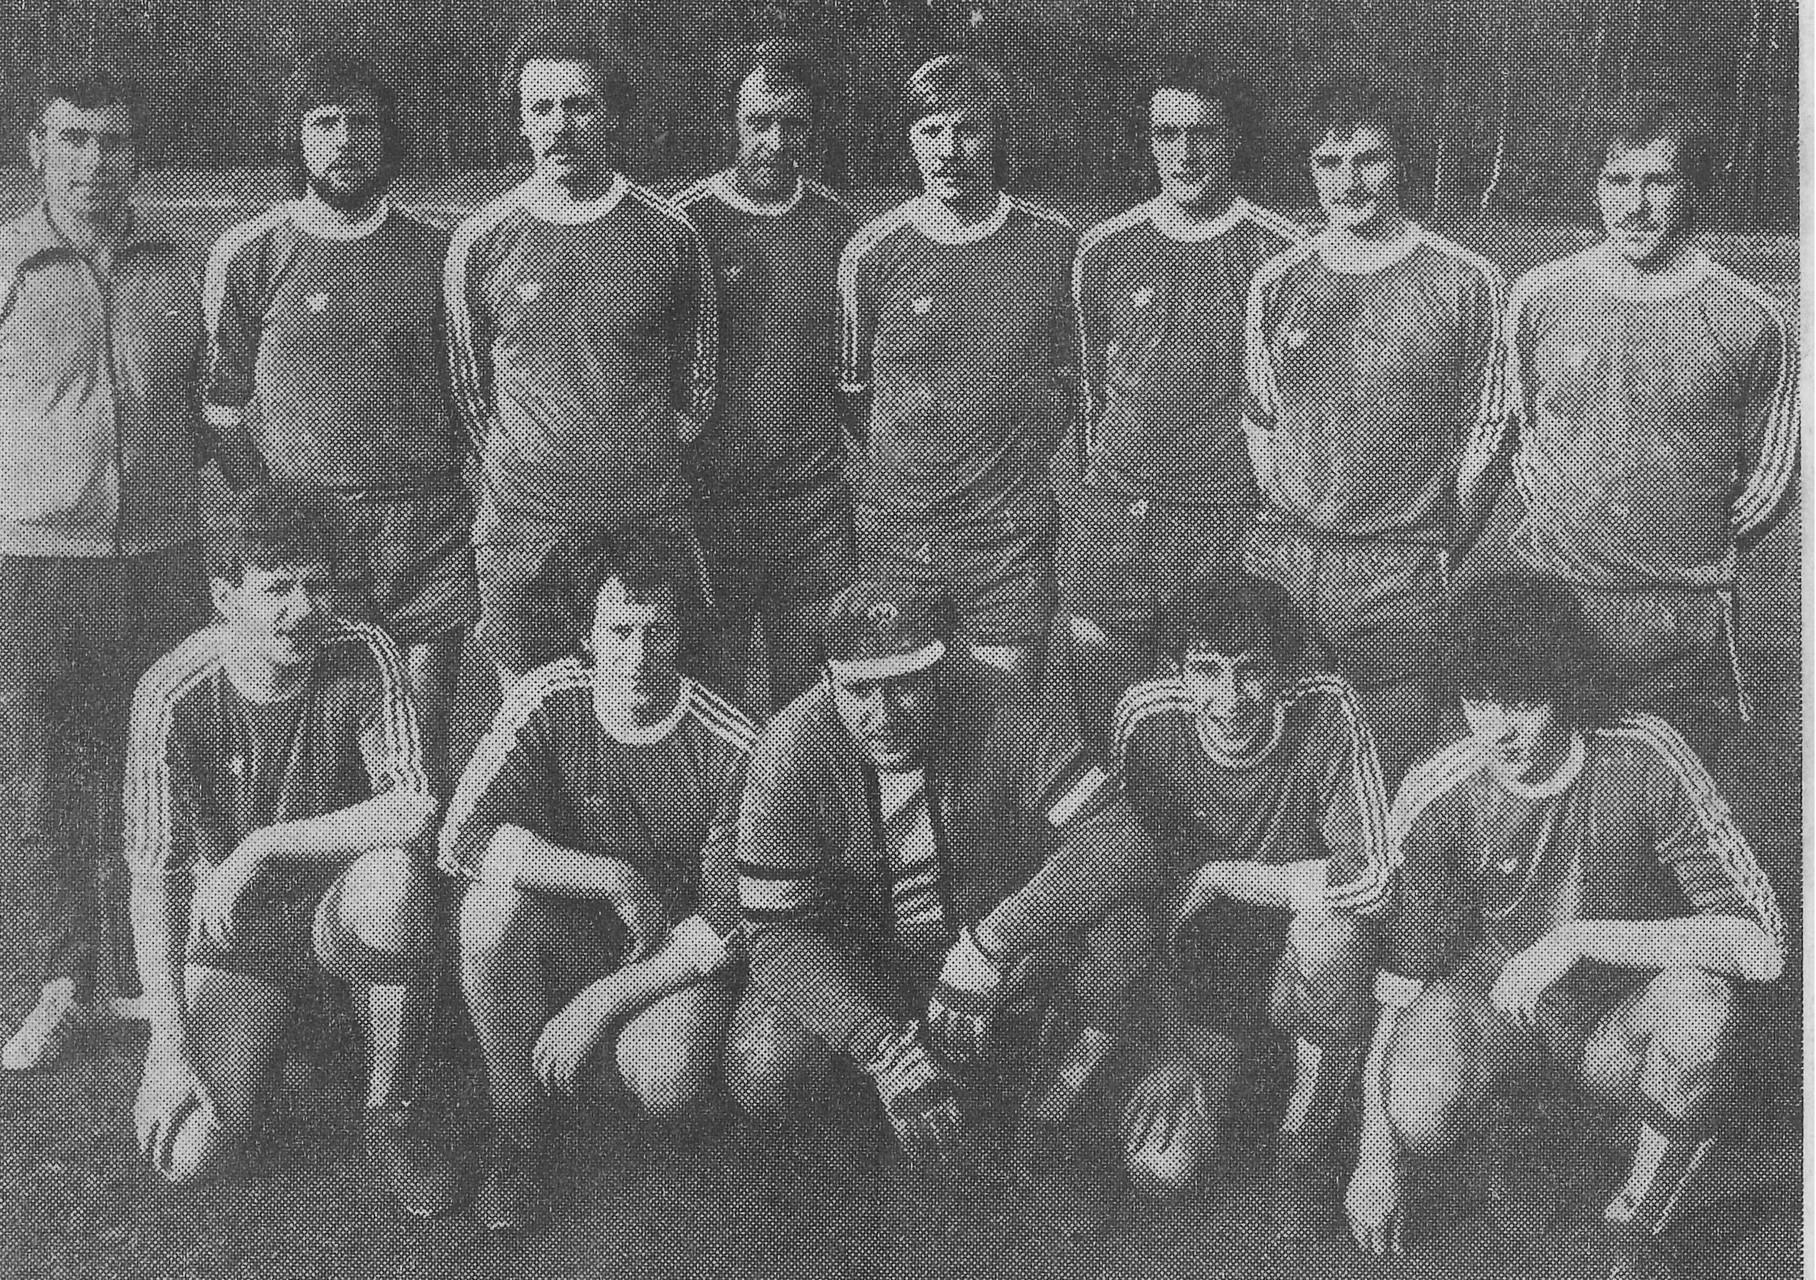 1.Mannschaft 1975-1976